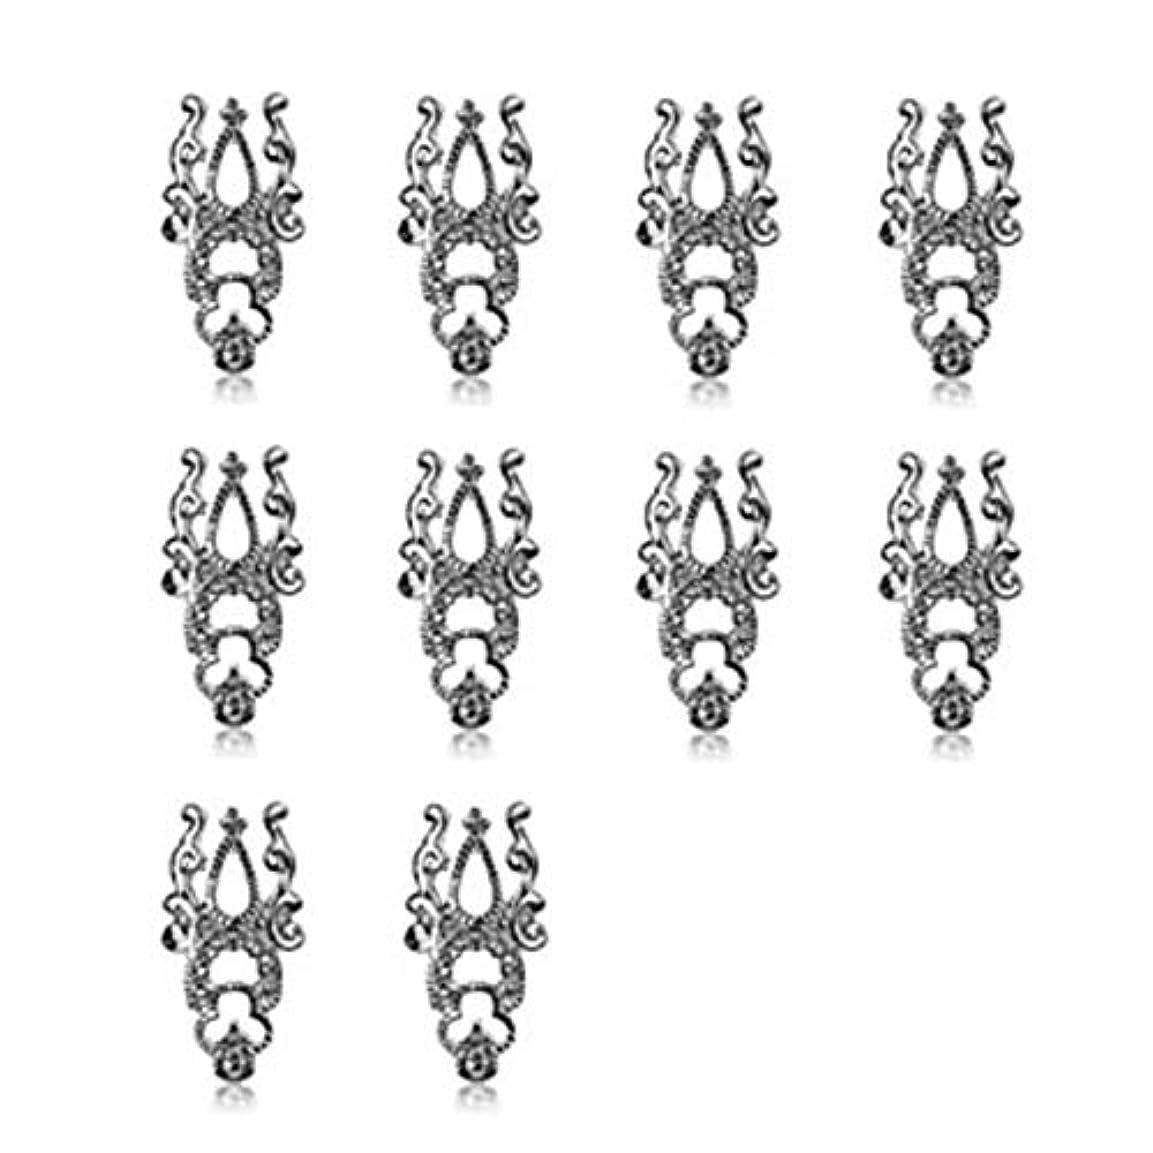 横配送所持10ピース3d中空ネイルアート合金のヒント装飾ジュエリーキラキララインストーン,Silver